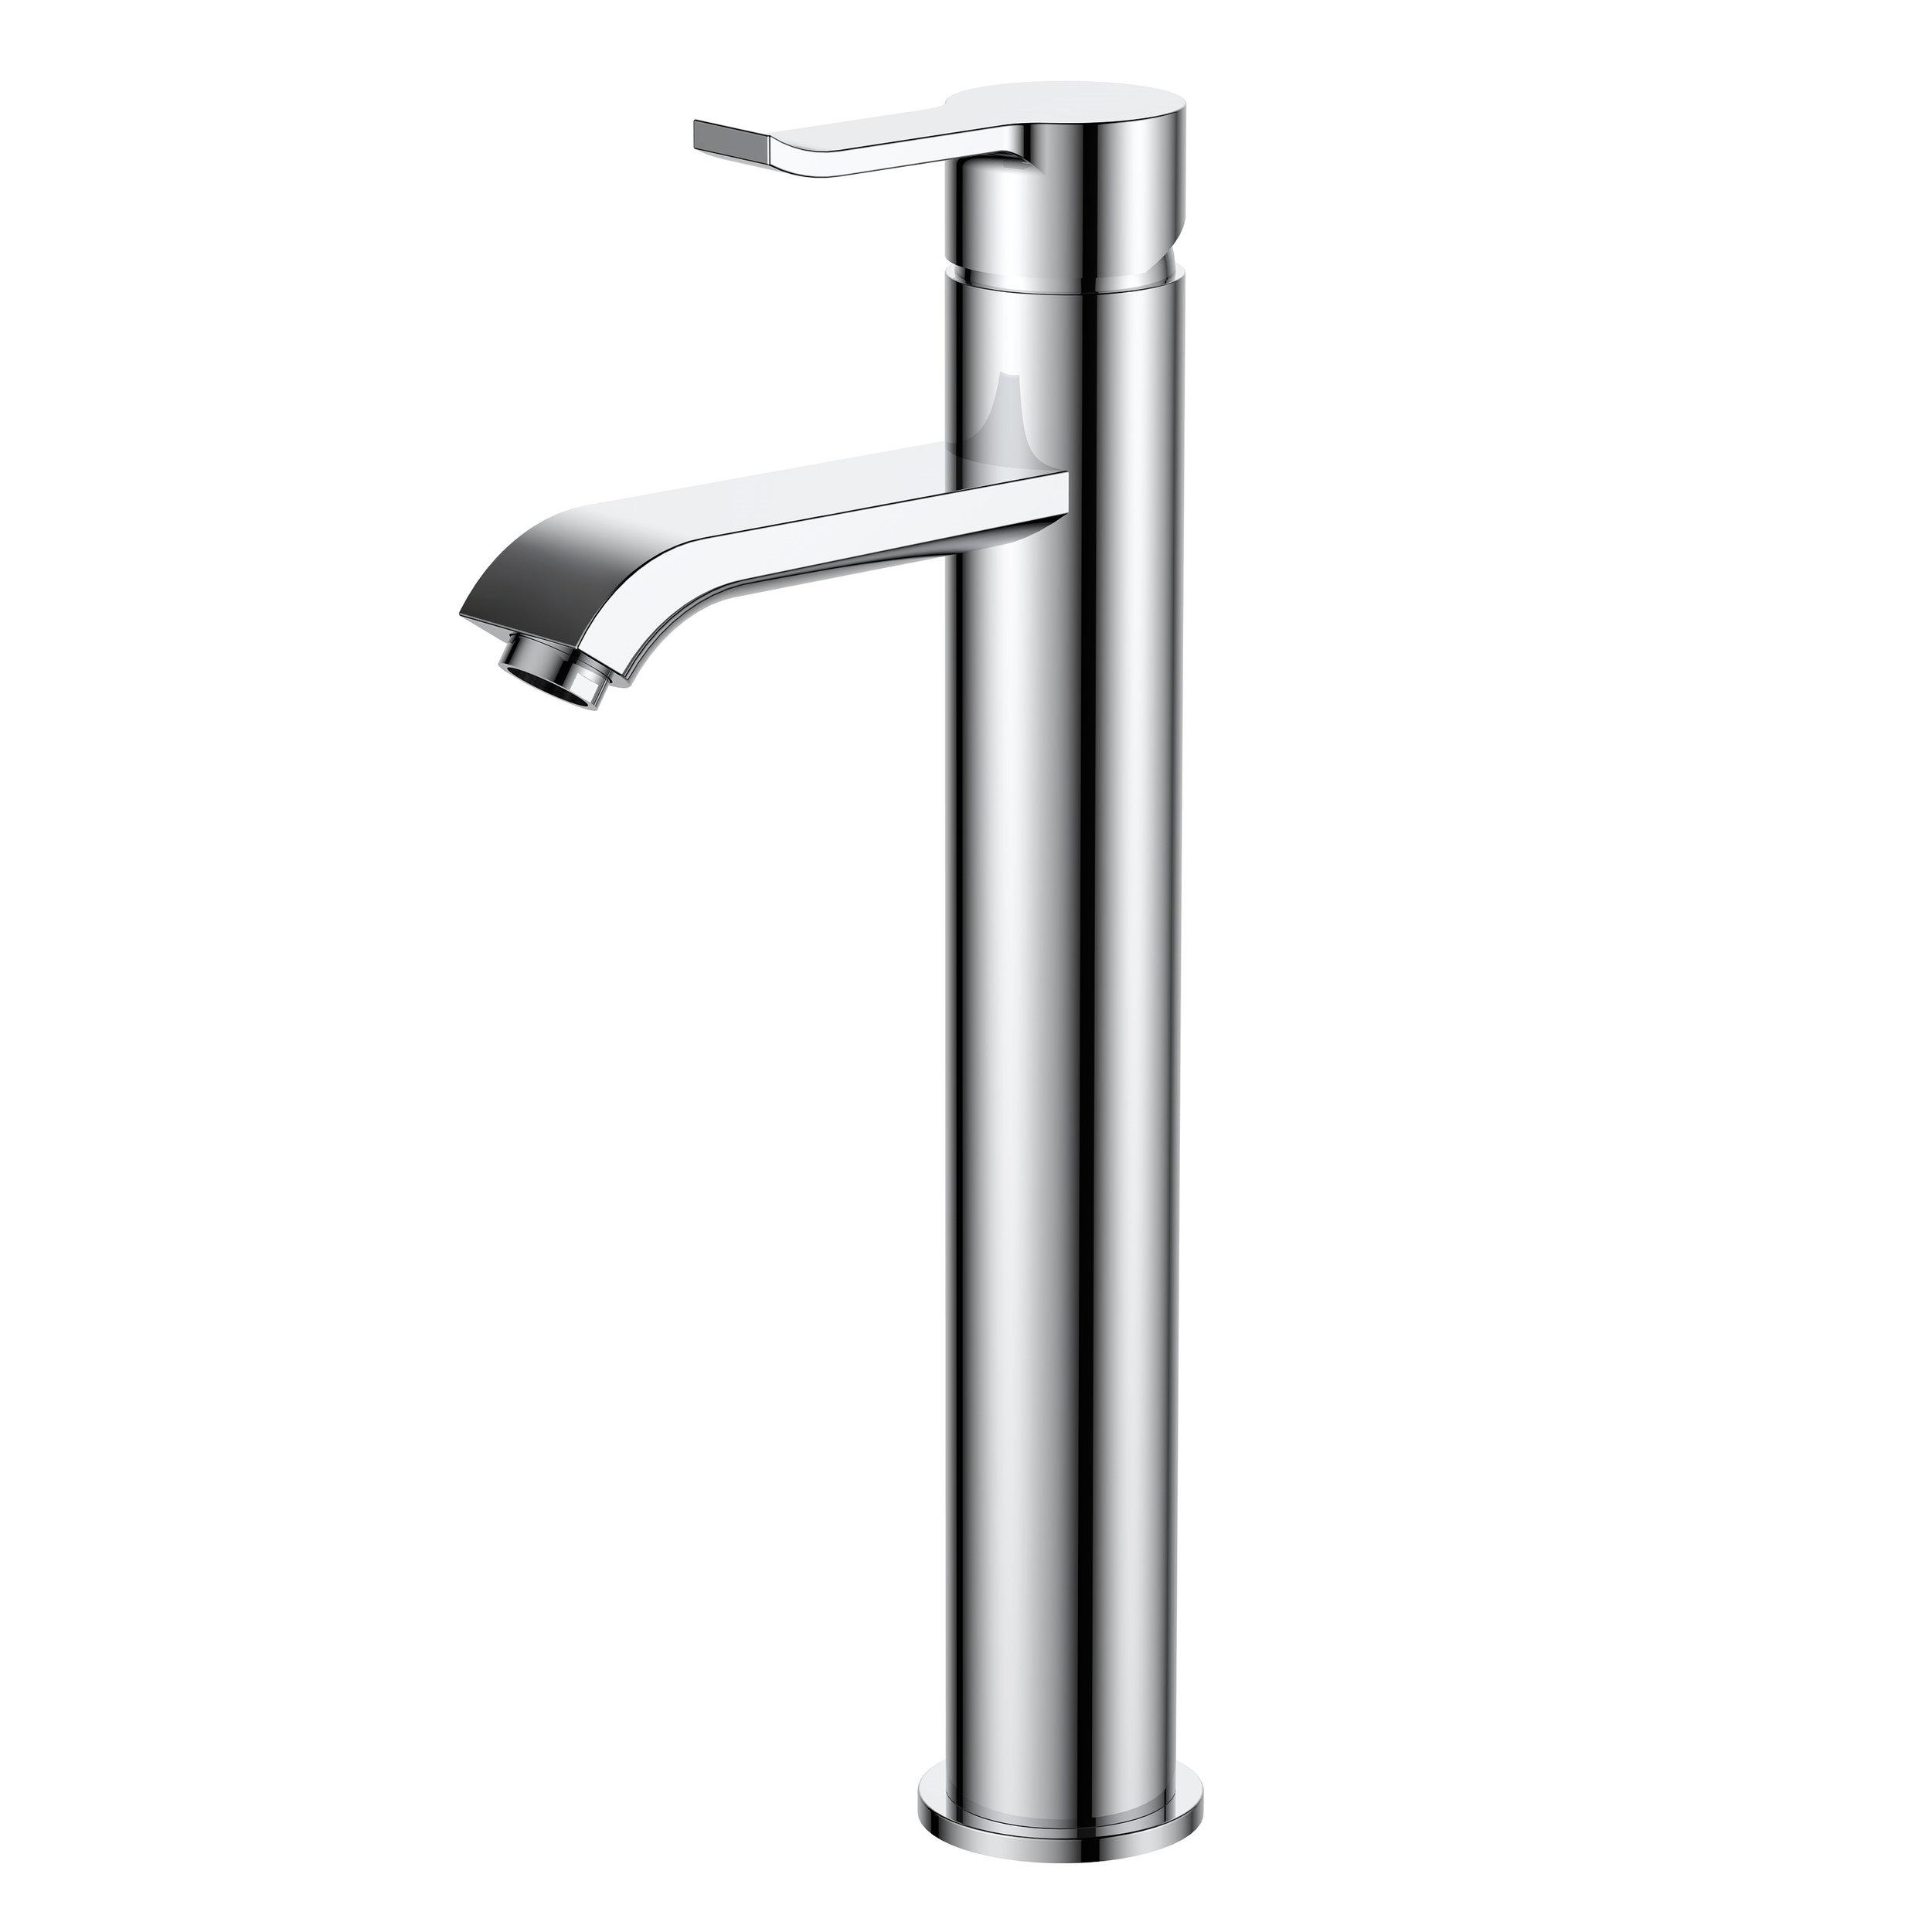 736-105: Basin faucet